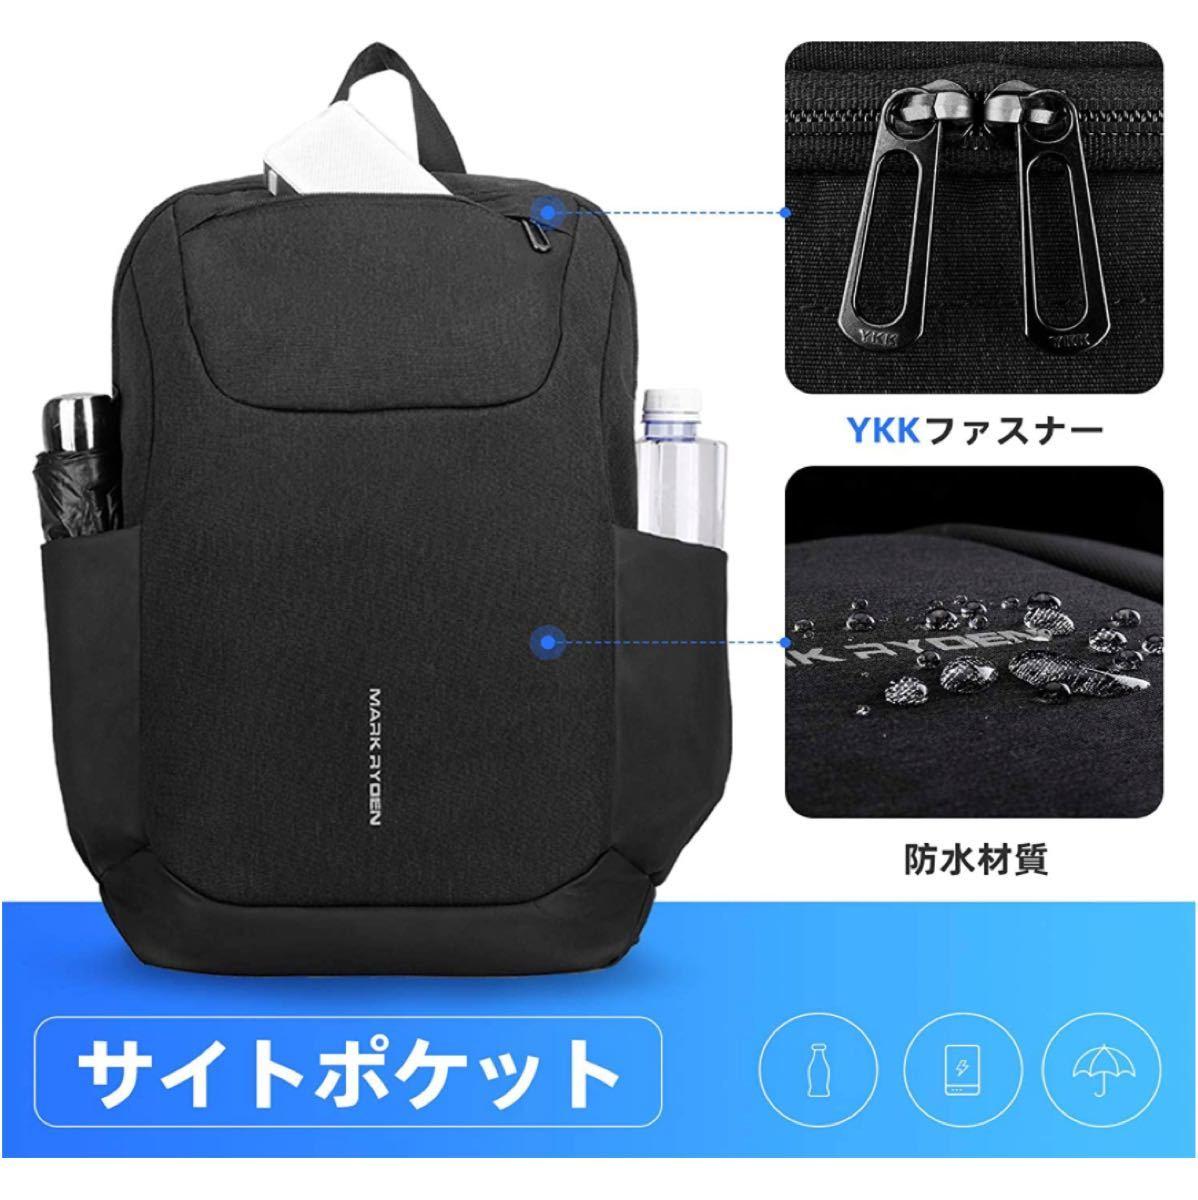 大容量 ビジネスリュック バックパック USB充電 USBポート リュックサック リュック PCバッグ